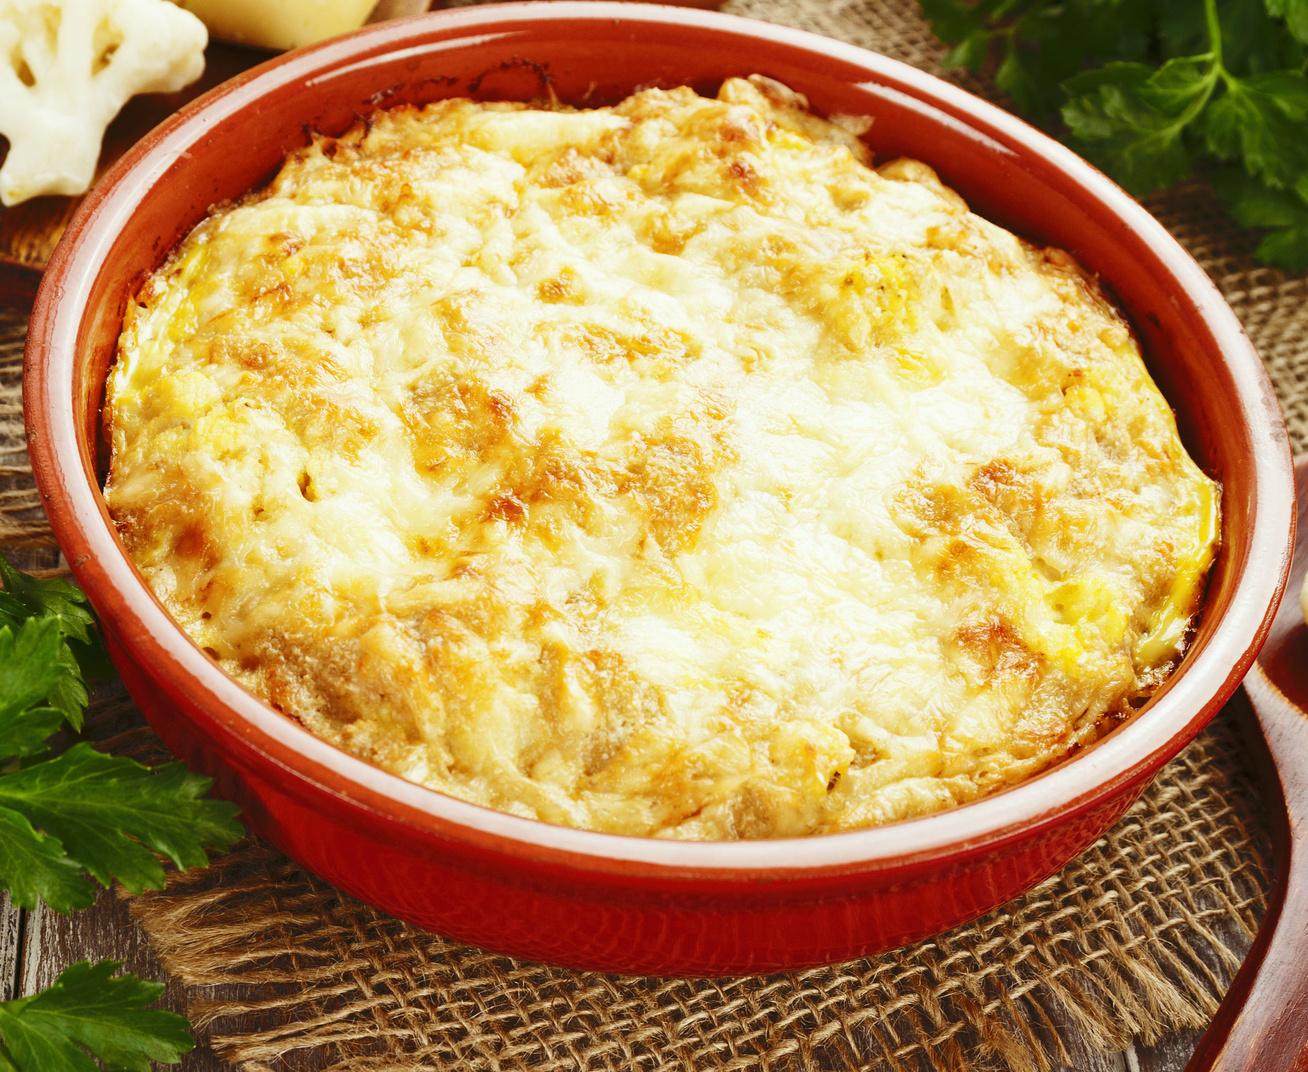 Darált húsos rakott karfiol dupla adag sajttal sütve - Kiadós és szaftos